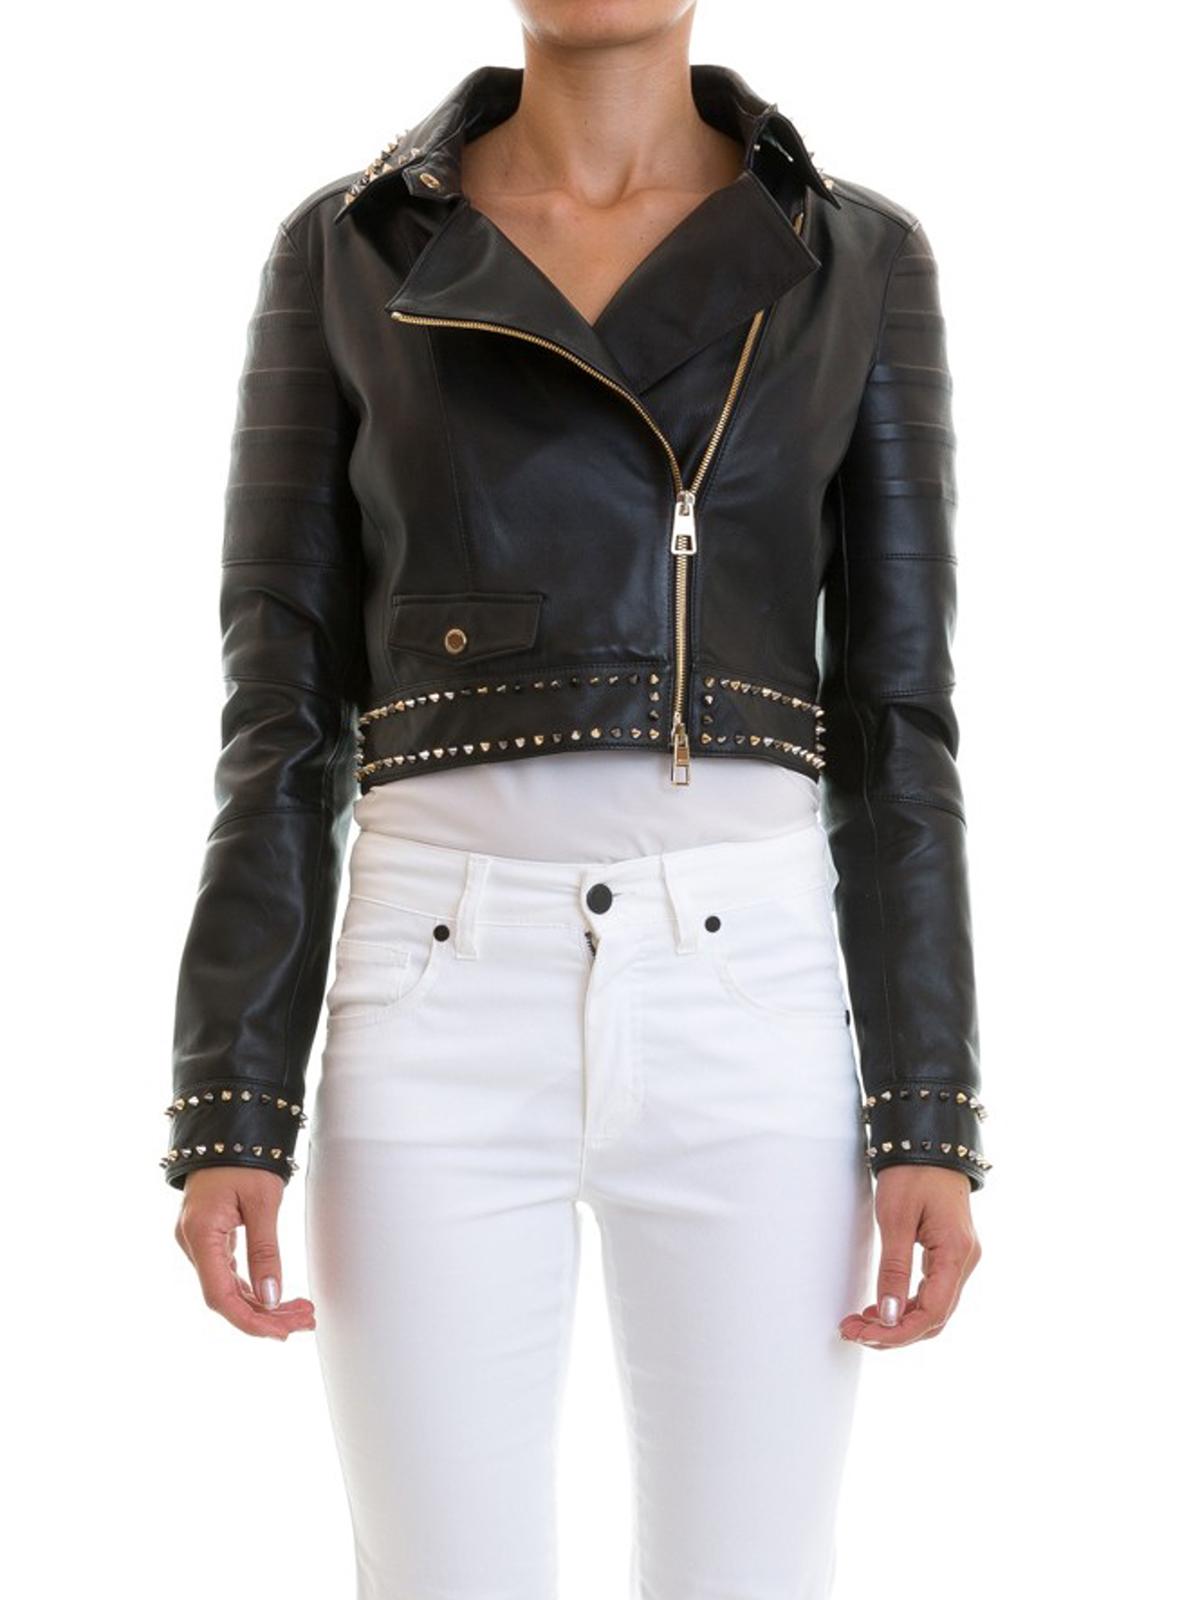 promo code 0f99c eeb34 Versace Collection - Chiodo in pelle con borchie - giacche ...